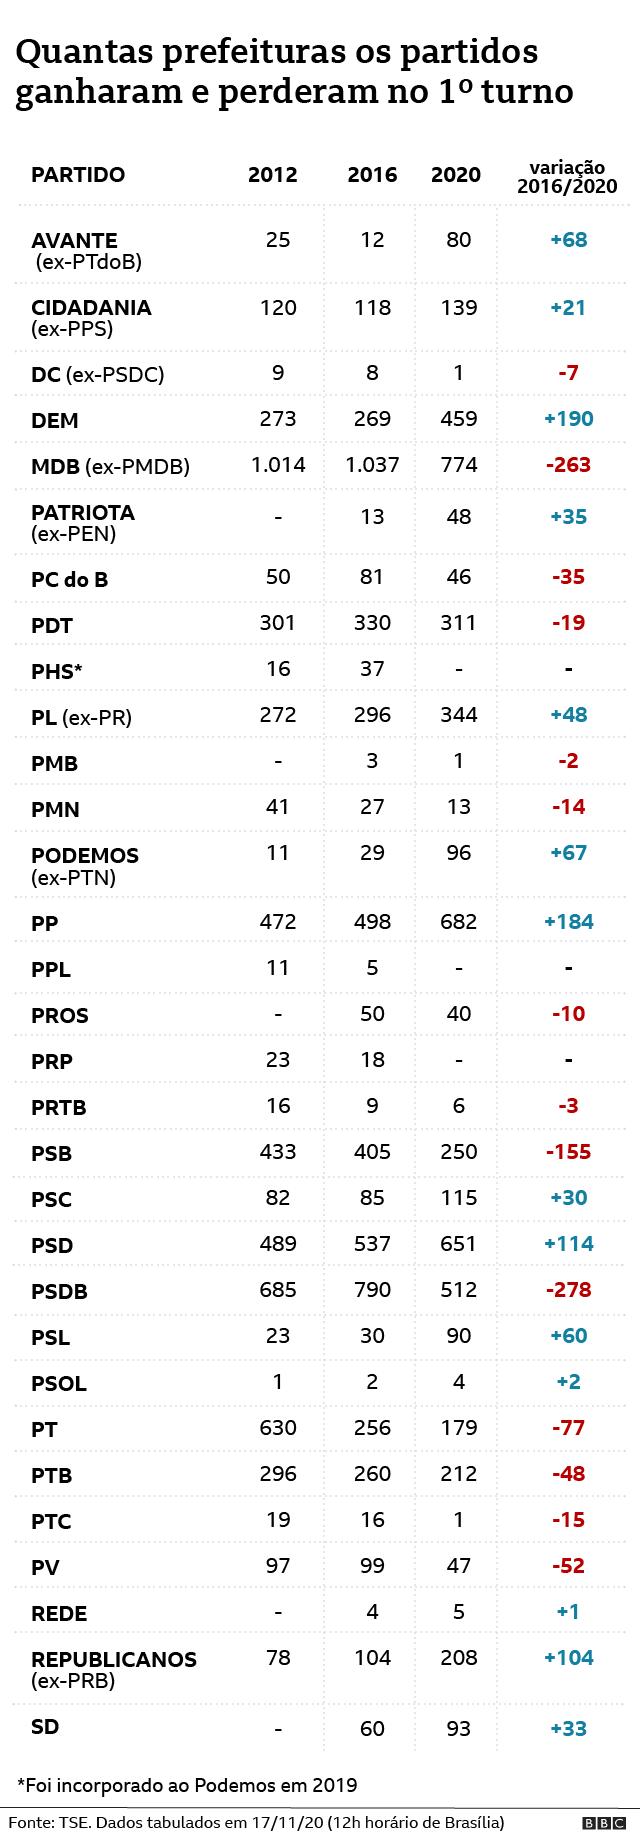 Gráfico mostra prefeitos por partidos nas eleições municipais de 2020